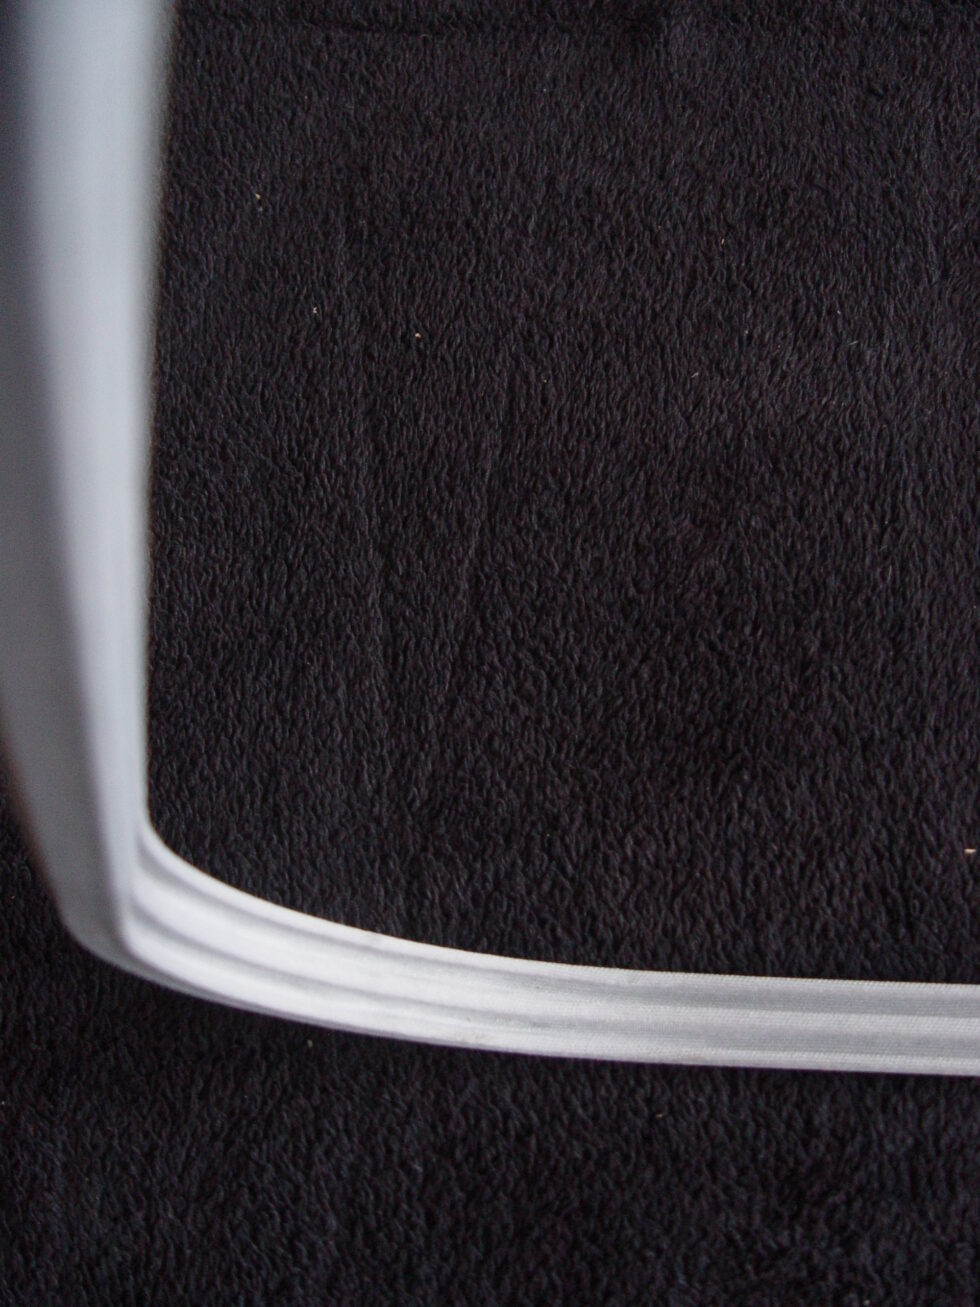 Window Frame Citroen HY HY96181 part